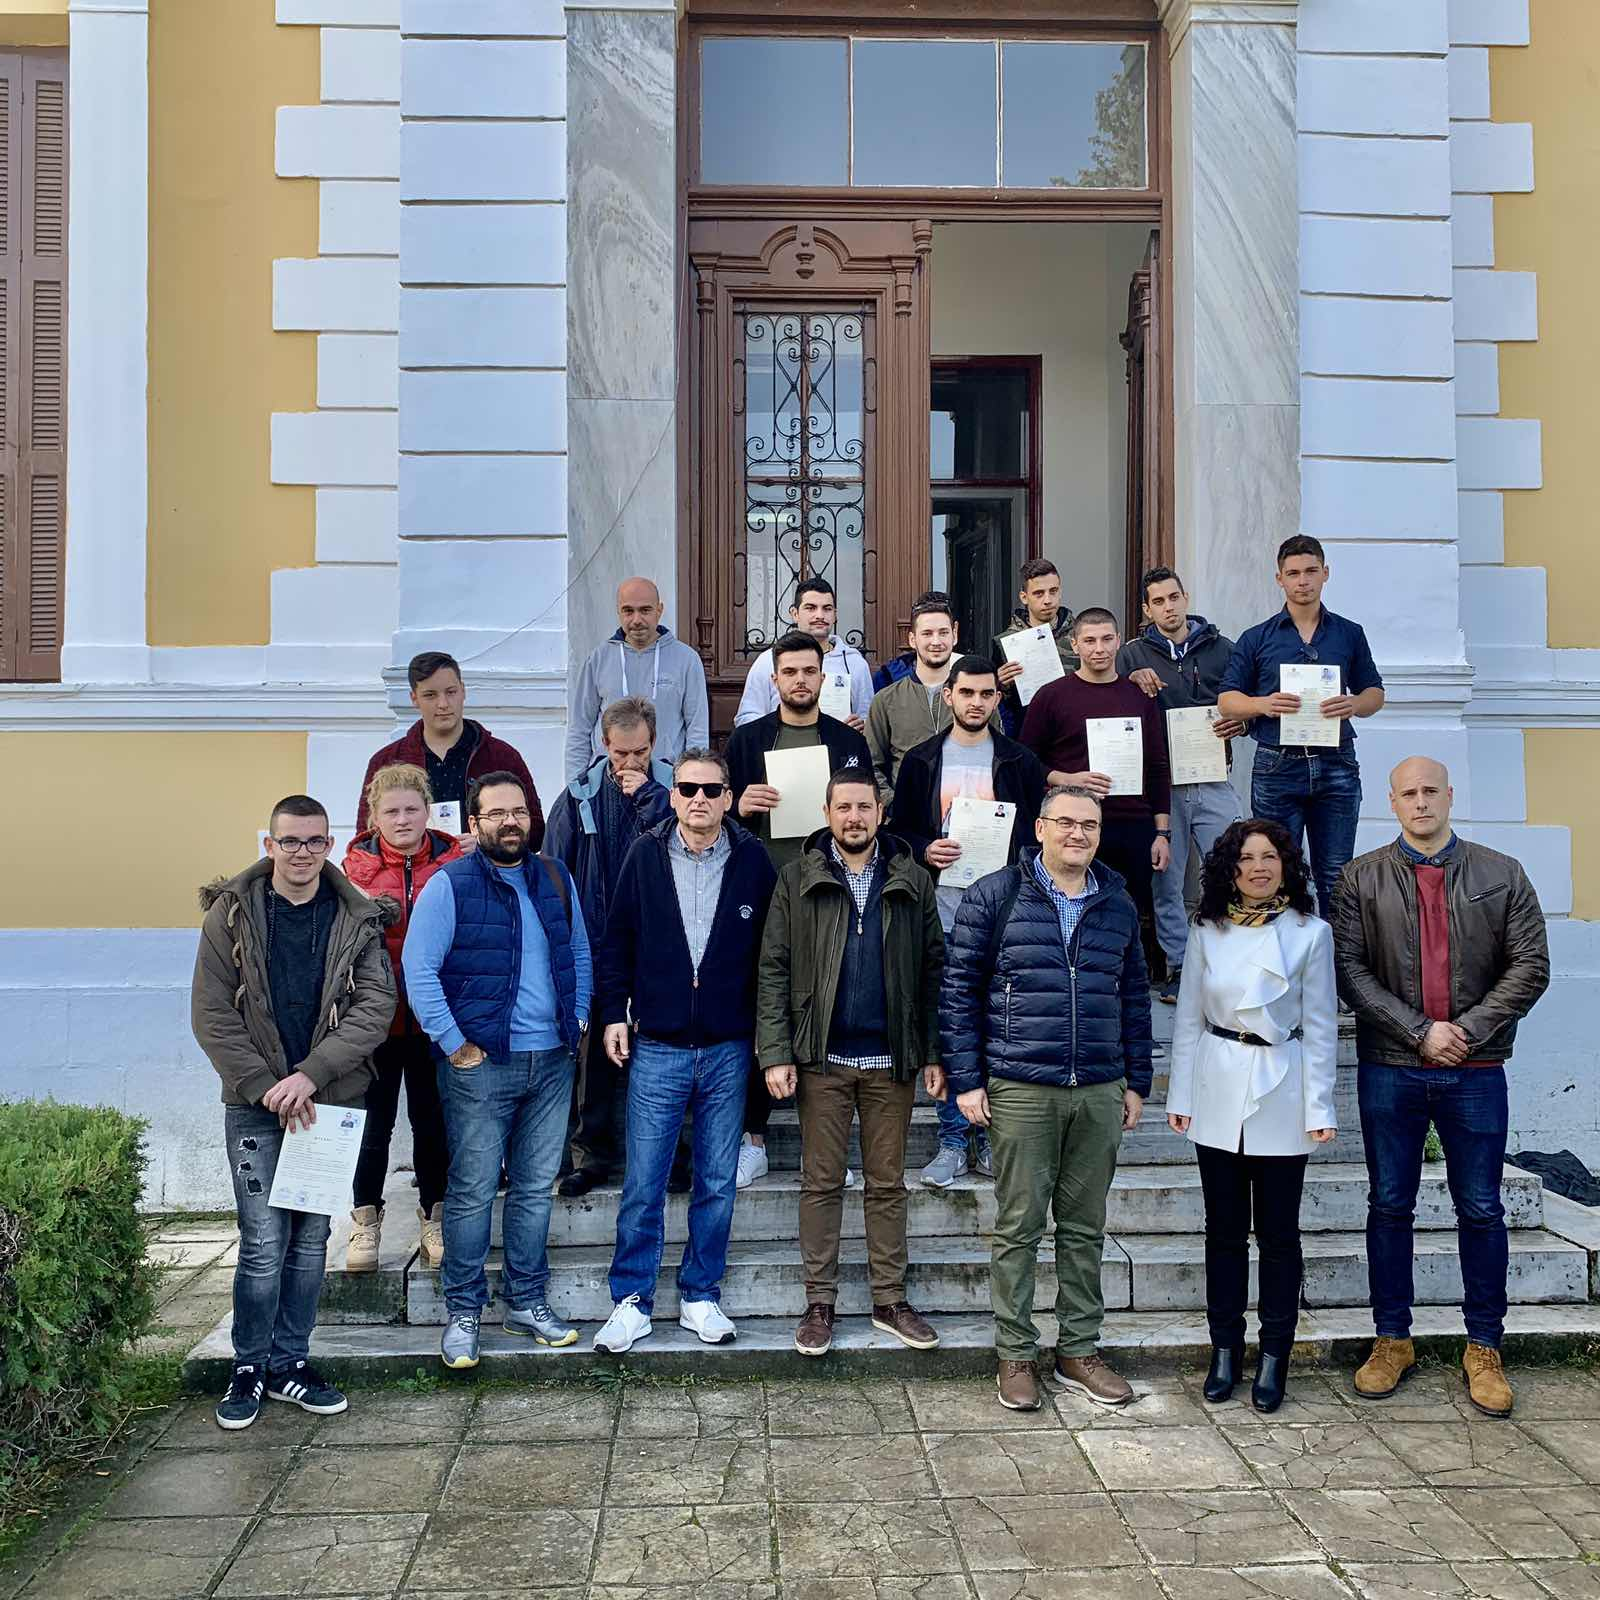 Επίσκεψη Γ.Σ.Λ. στην Αβερώφειο Γεωργική Σχολή Λάρισας (ΦΩΤΟ)